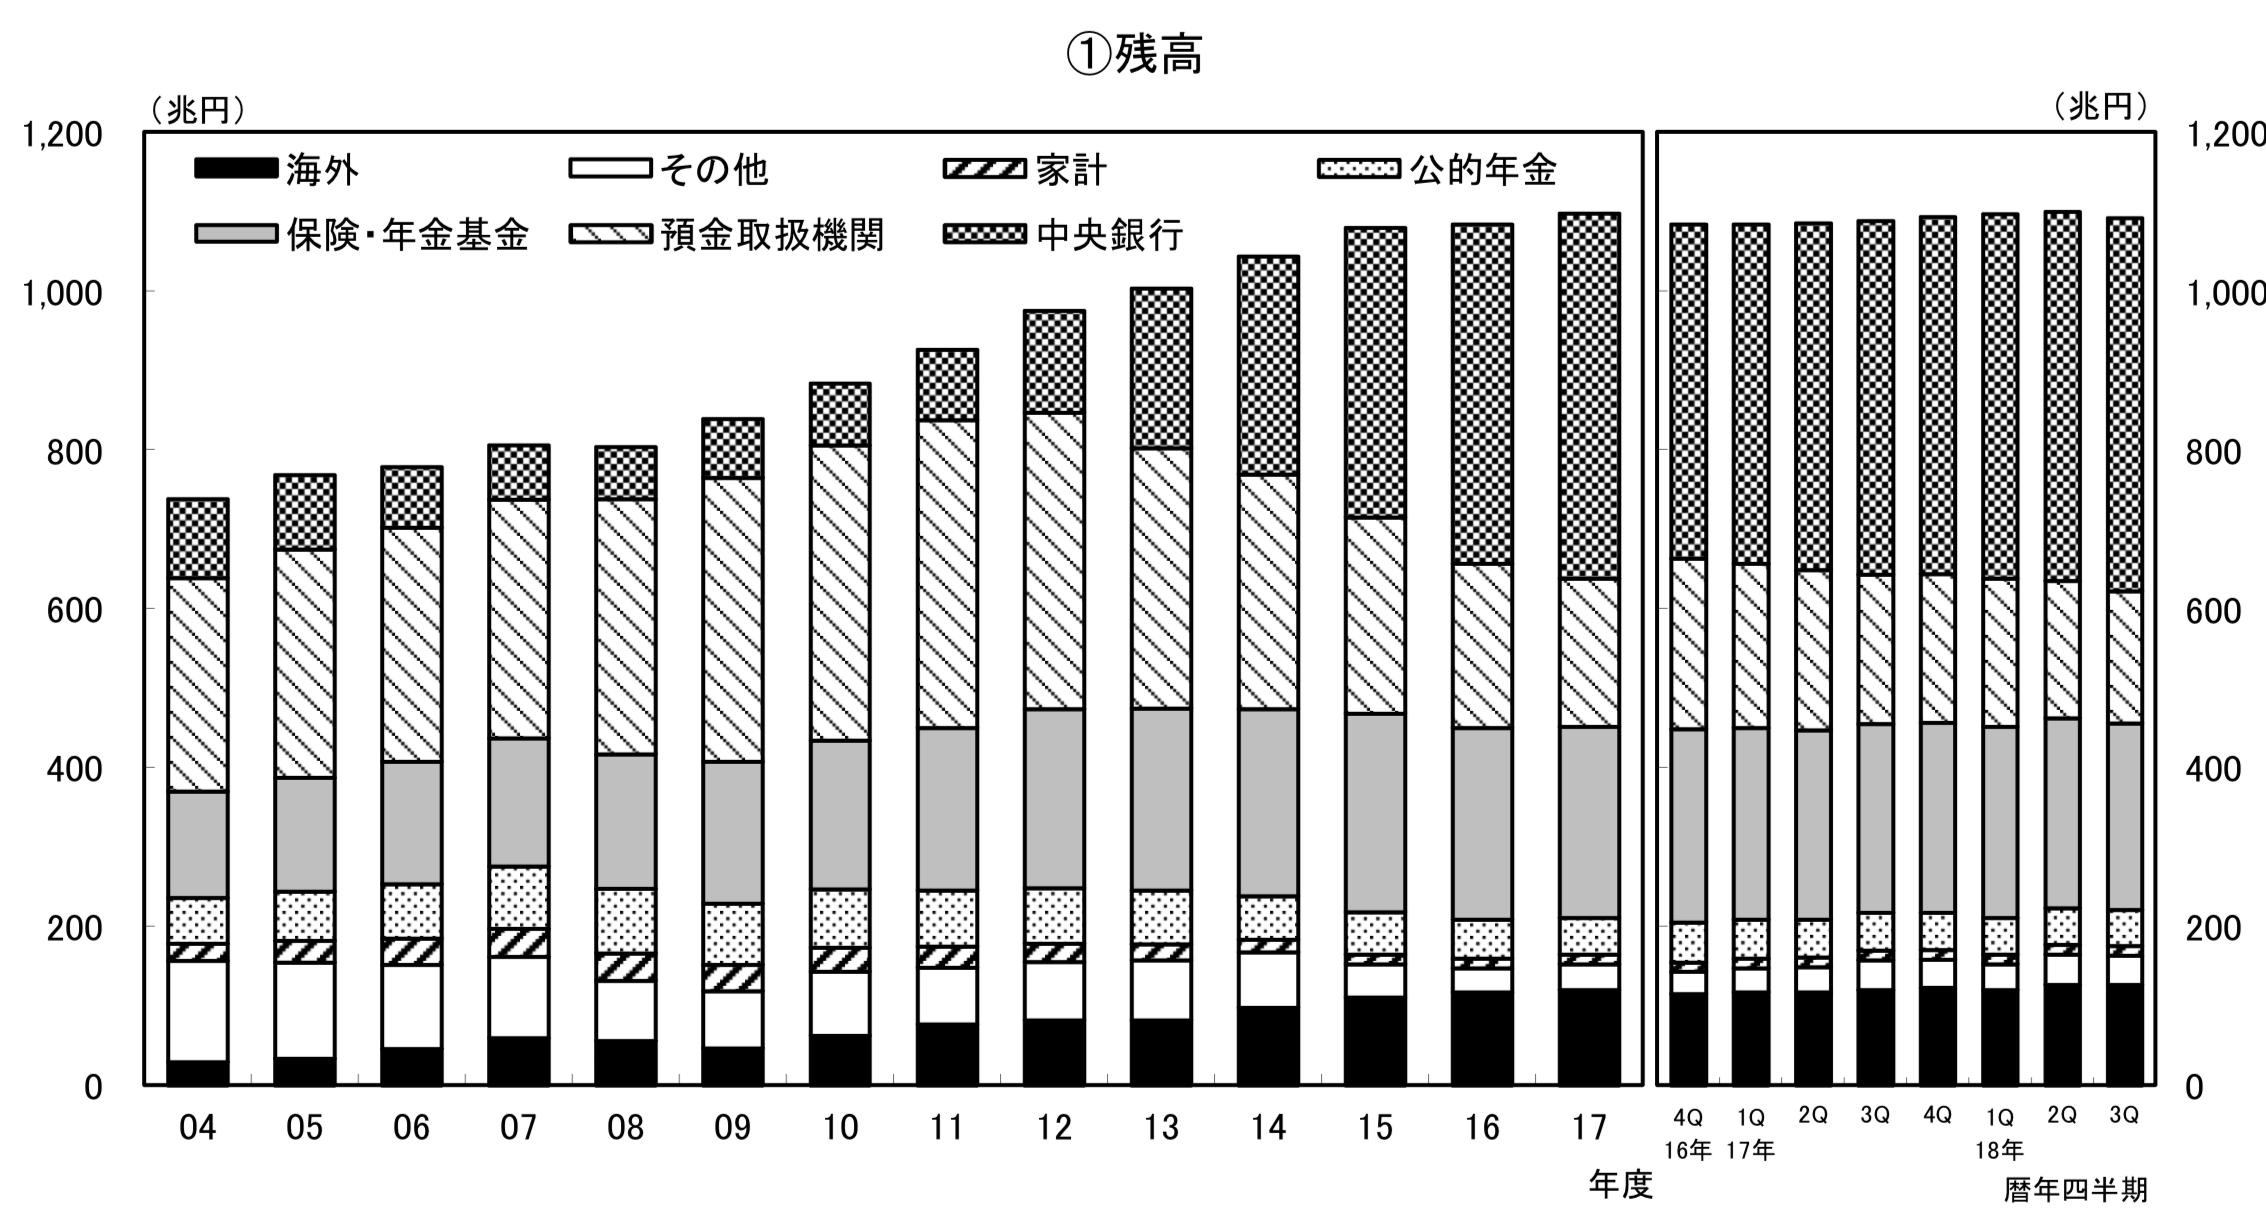 日本国債の保有者の変化